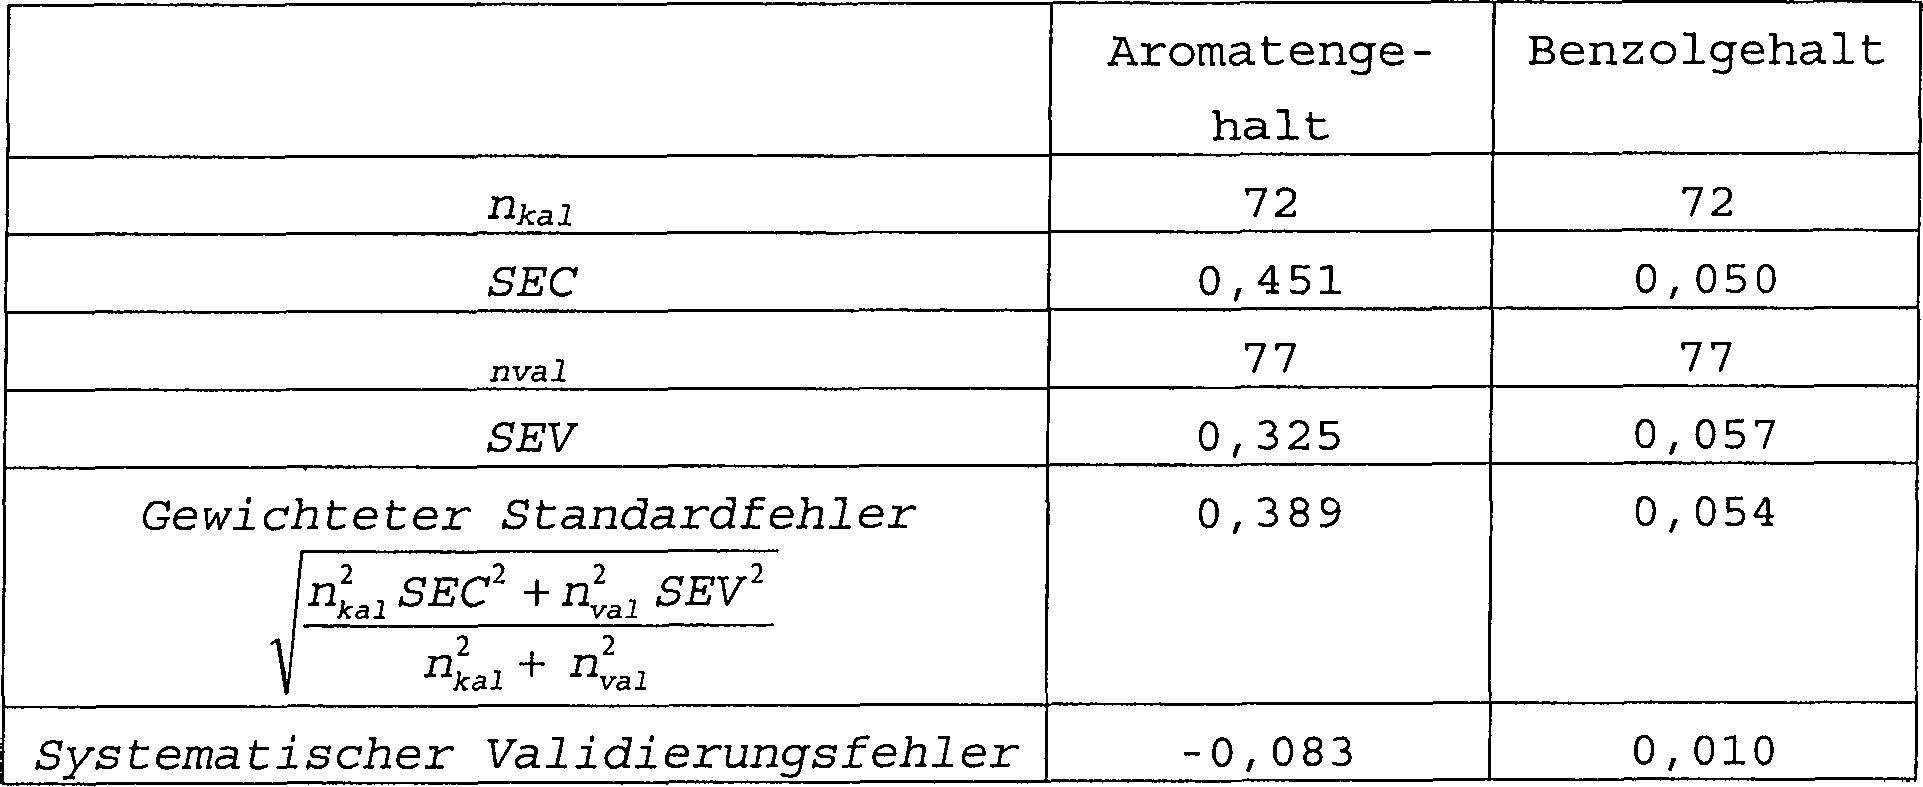 DE60026697T2 - A method for optimizing multivariate